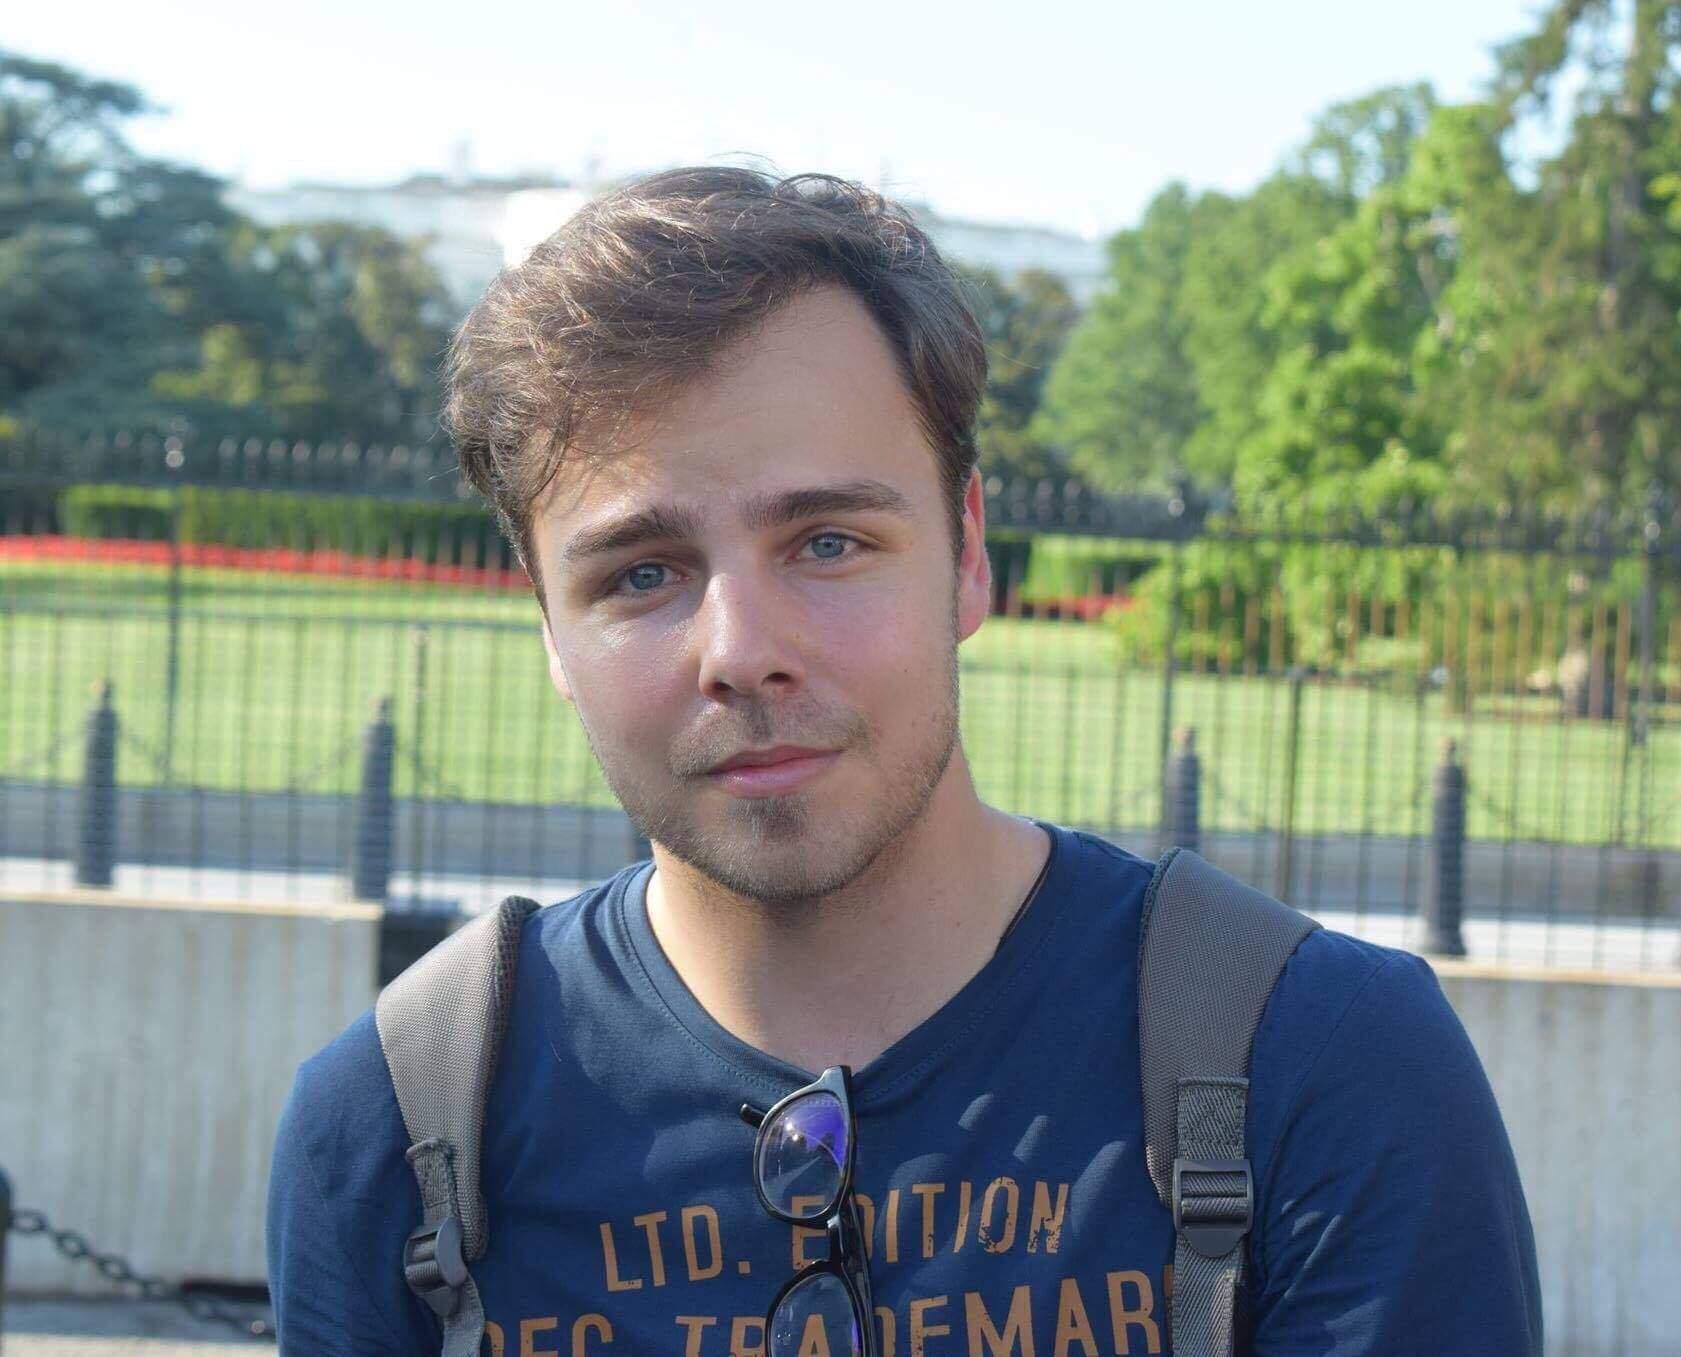 El este primul absolvent român de Medicină la Cambridge. De ce a decis să se întoarcă în țară